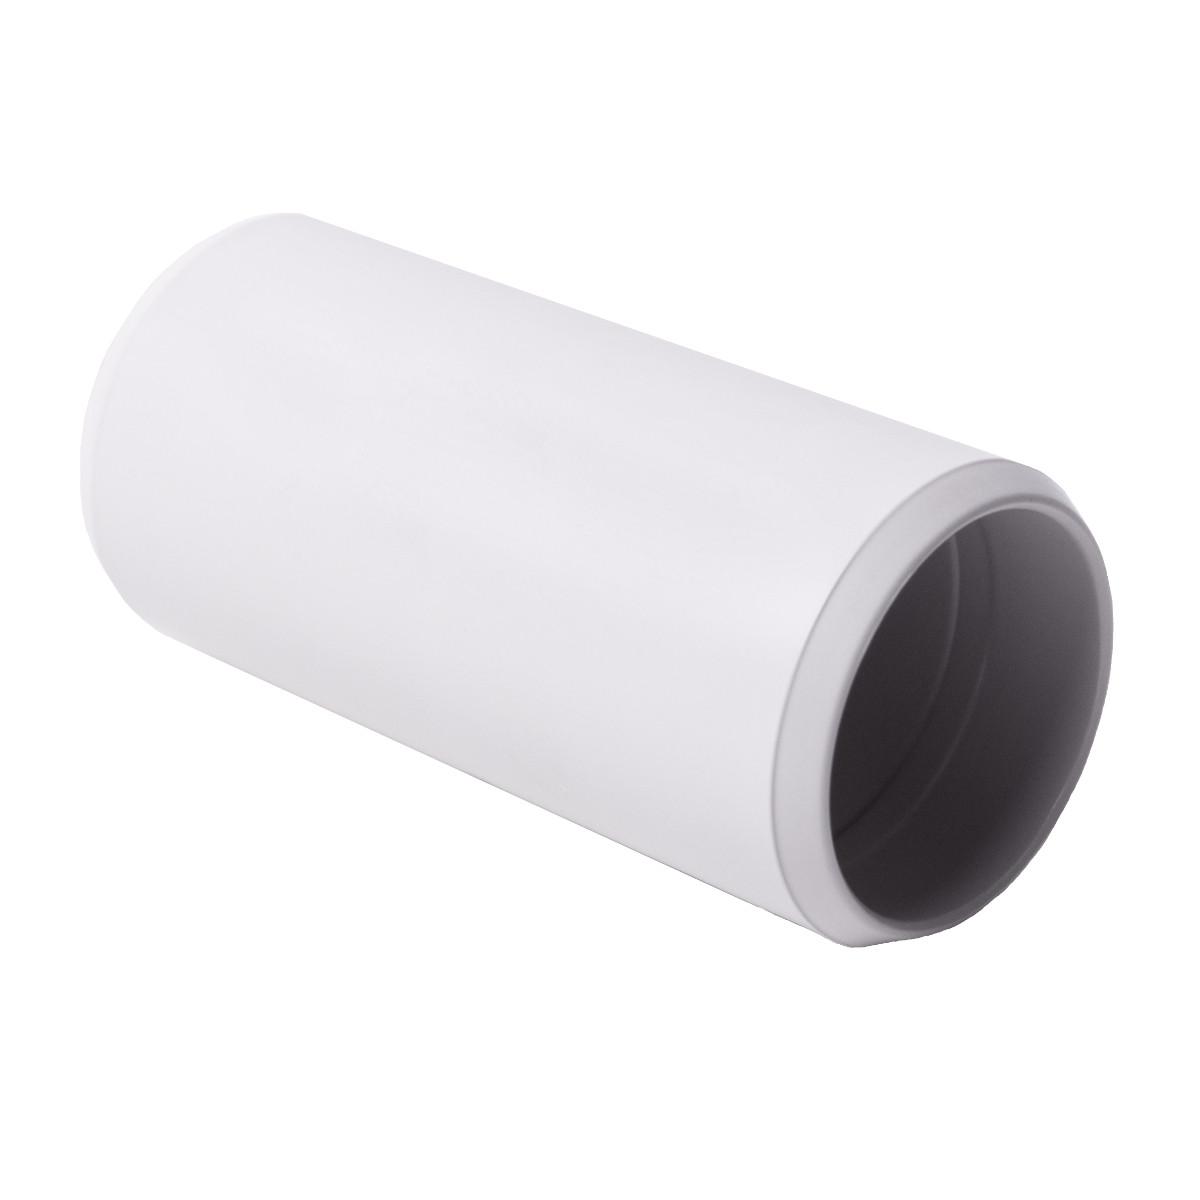 Муфта з'єднувальна для труби 63 мм ; Ø63мм; полікарбонат; безгалогенна; t застосування -45-90 °с; світло-сіра; Упаковка 2 шт